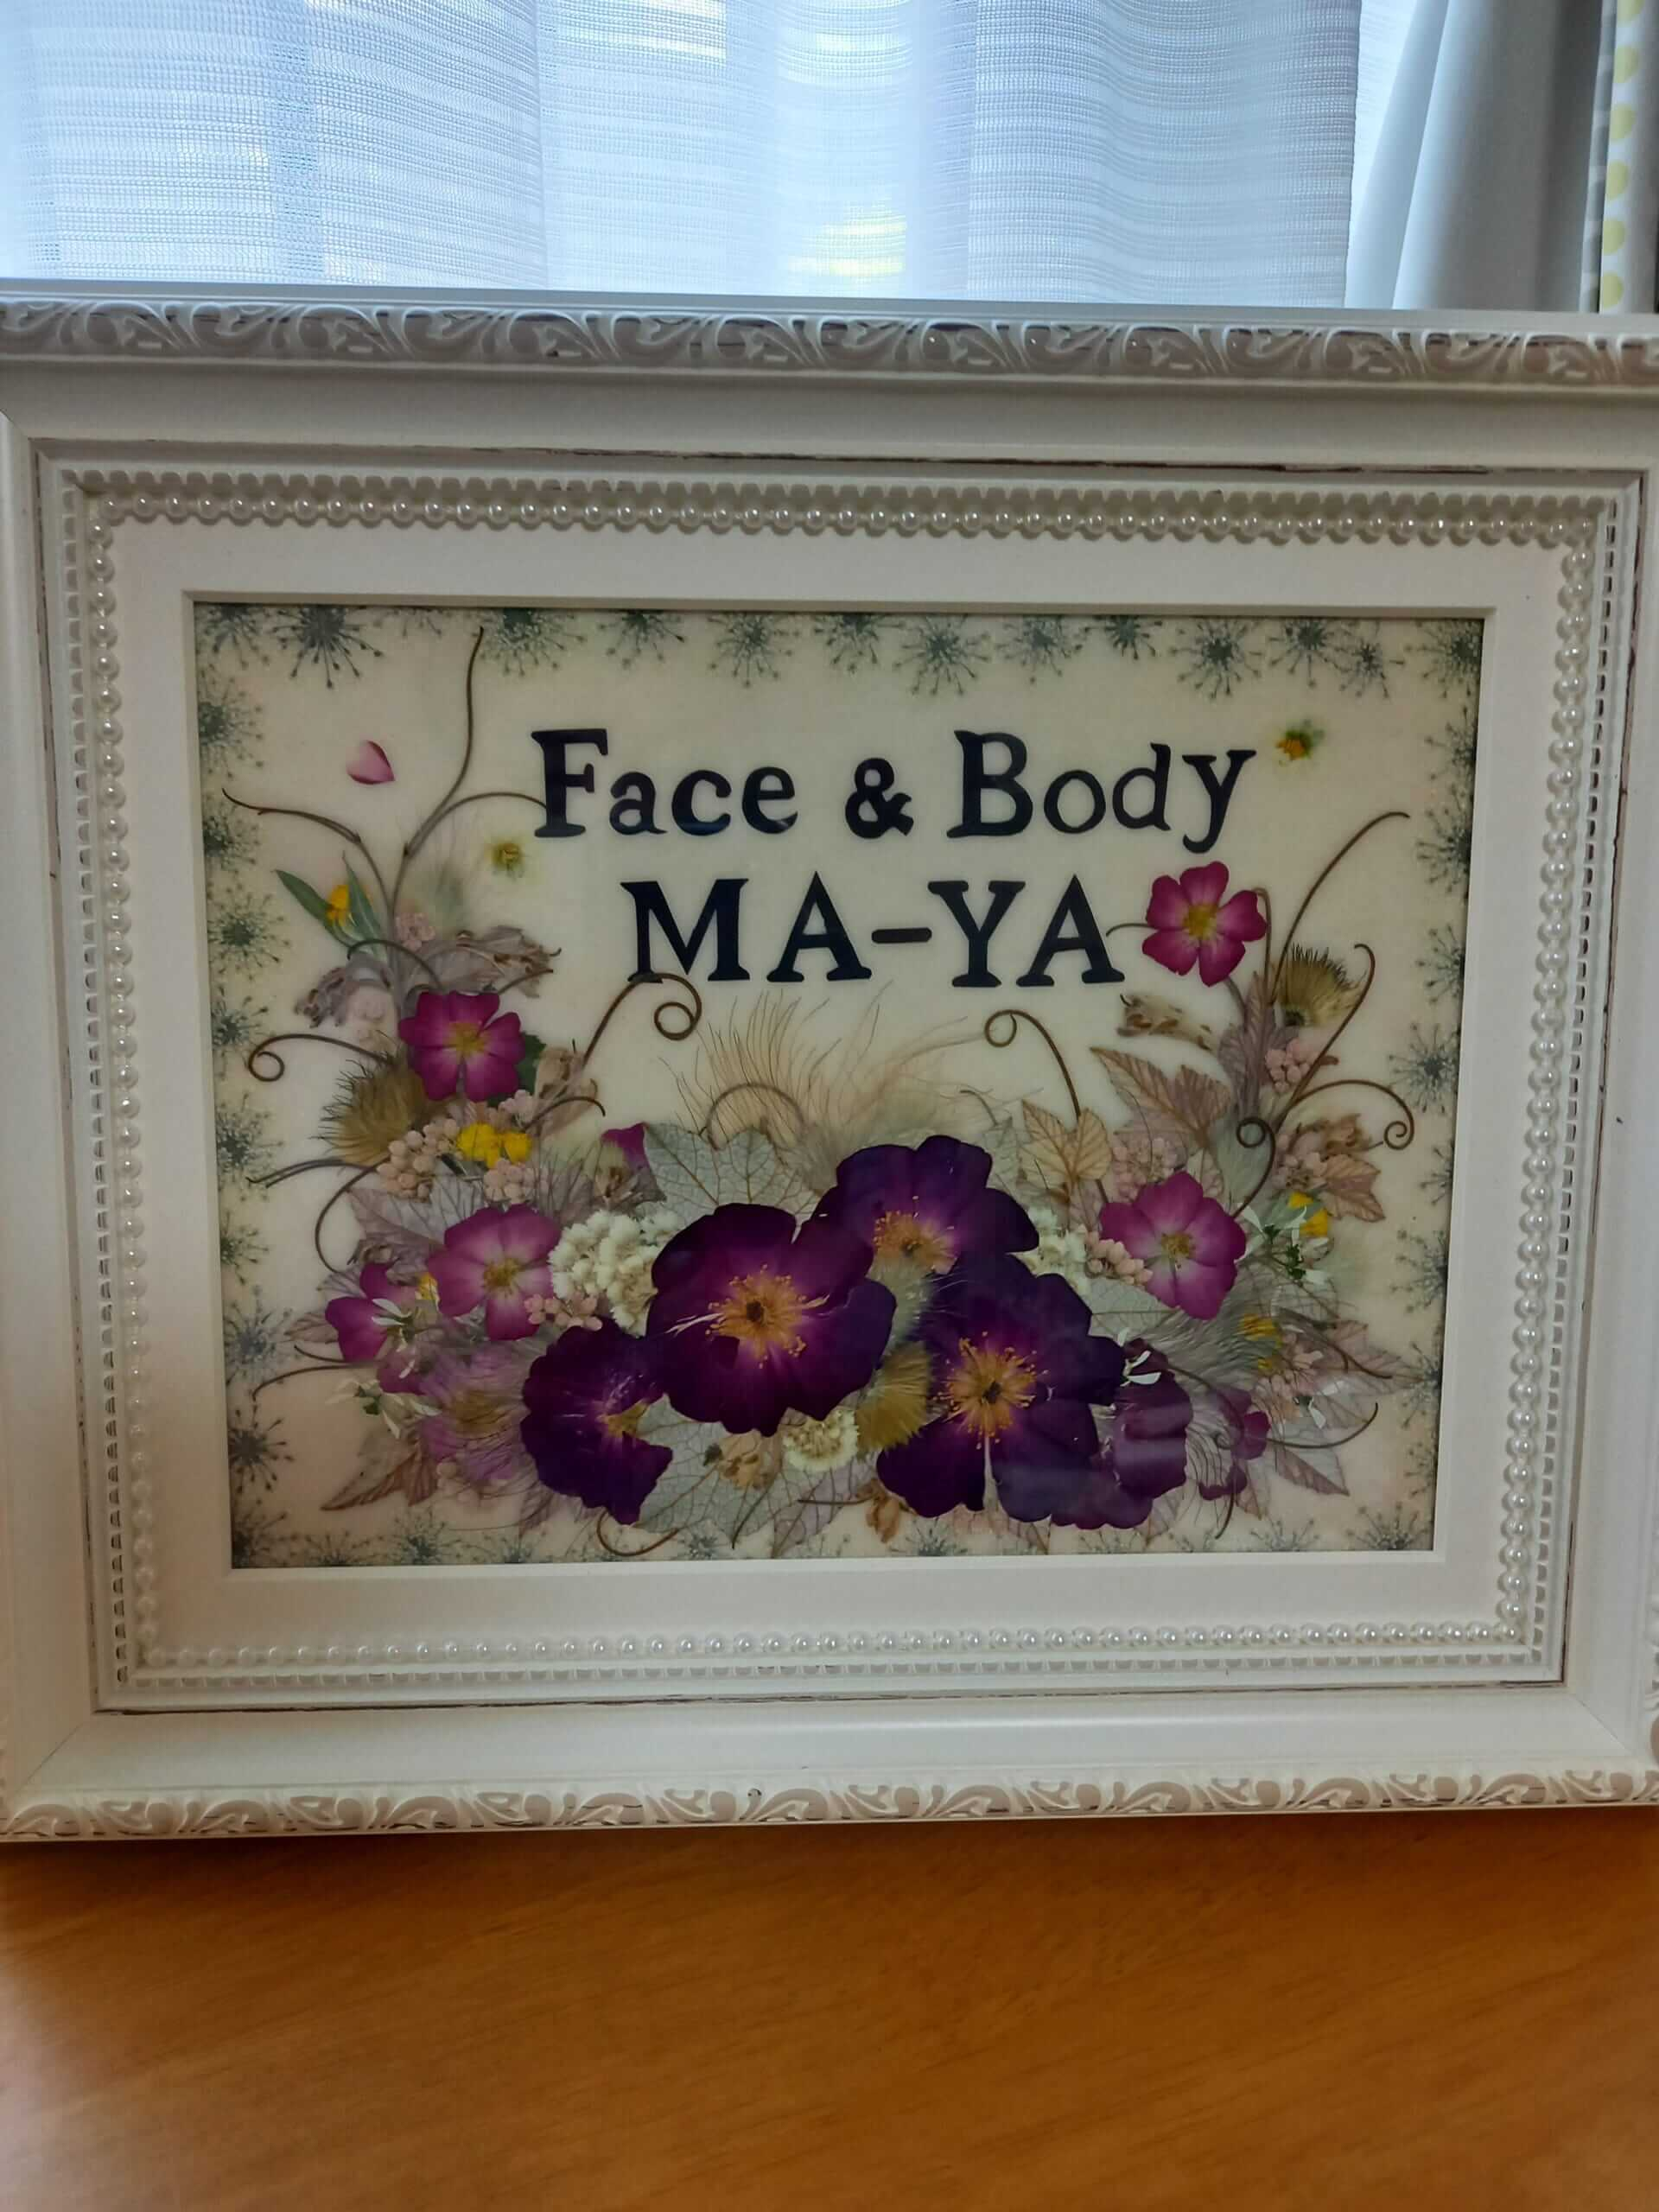 Face&Body   MA-YA⑤